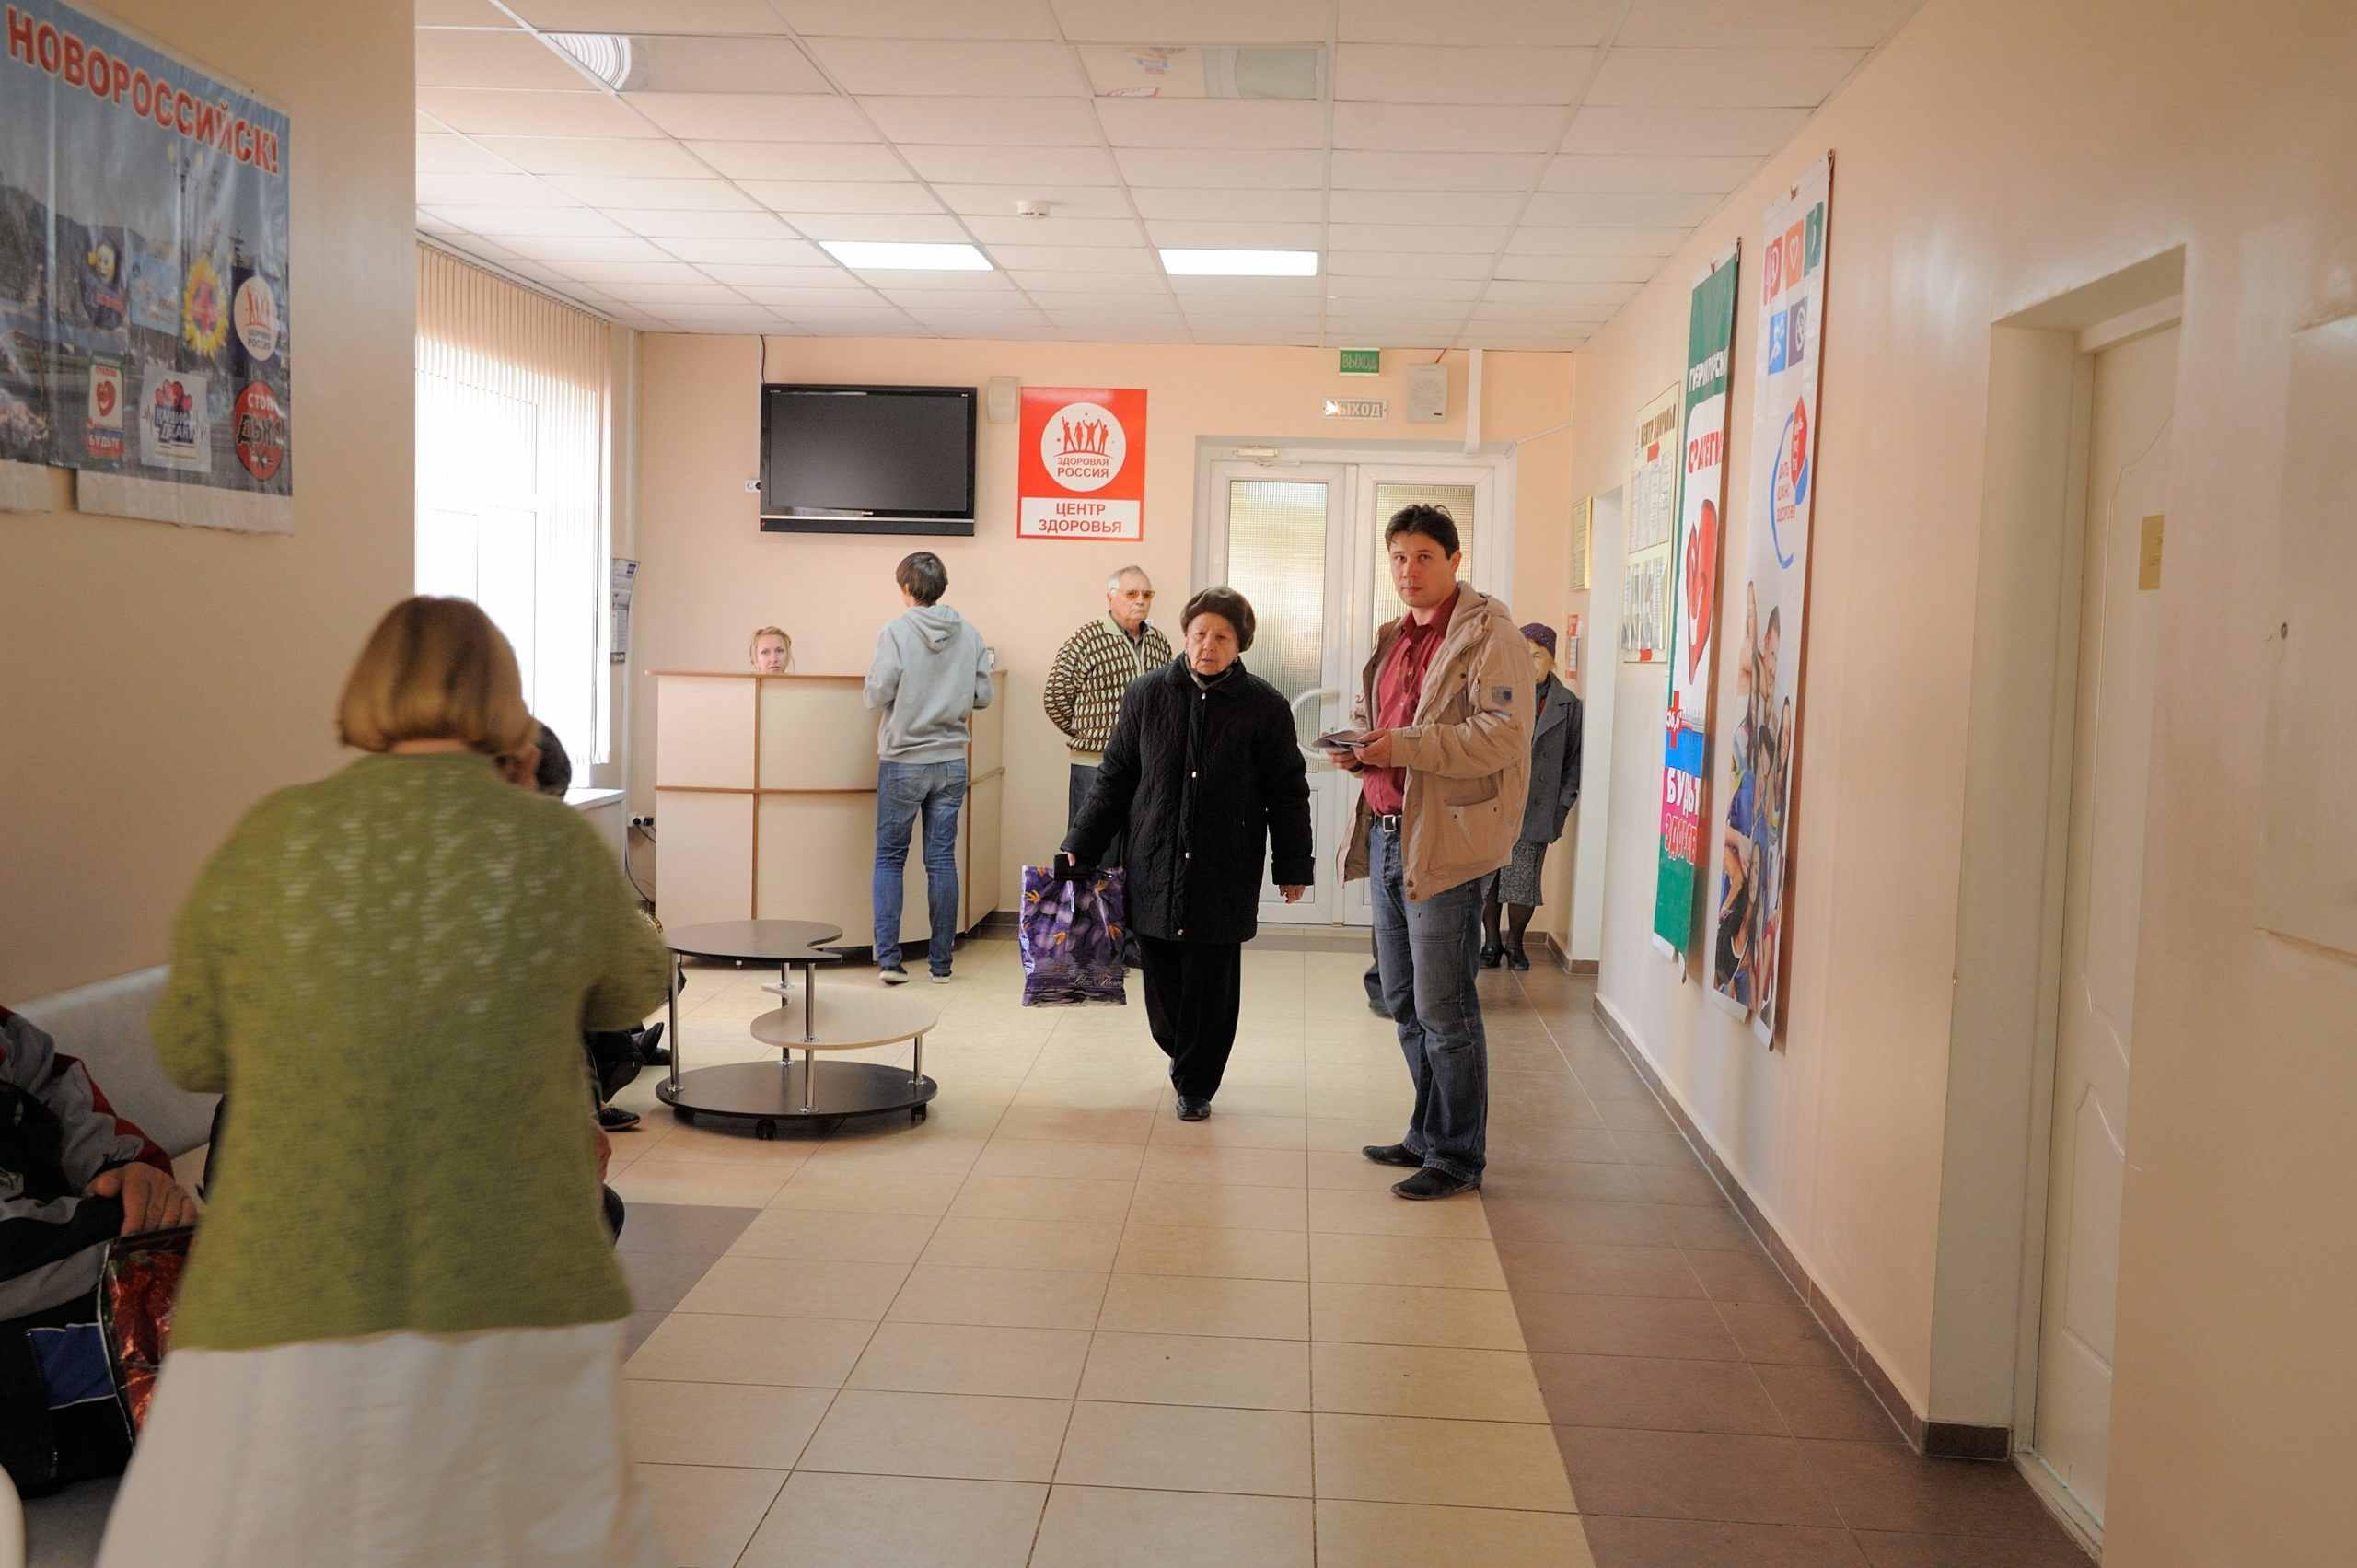 Новороссийским поликлиникам удлинили рабочий день